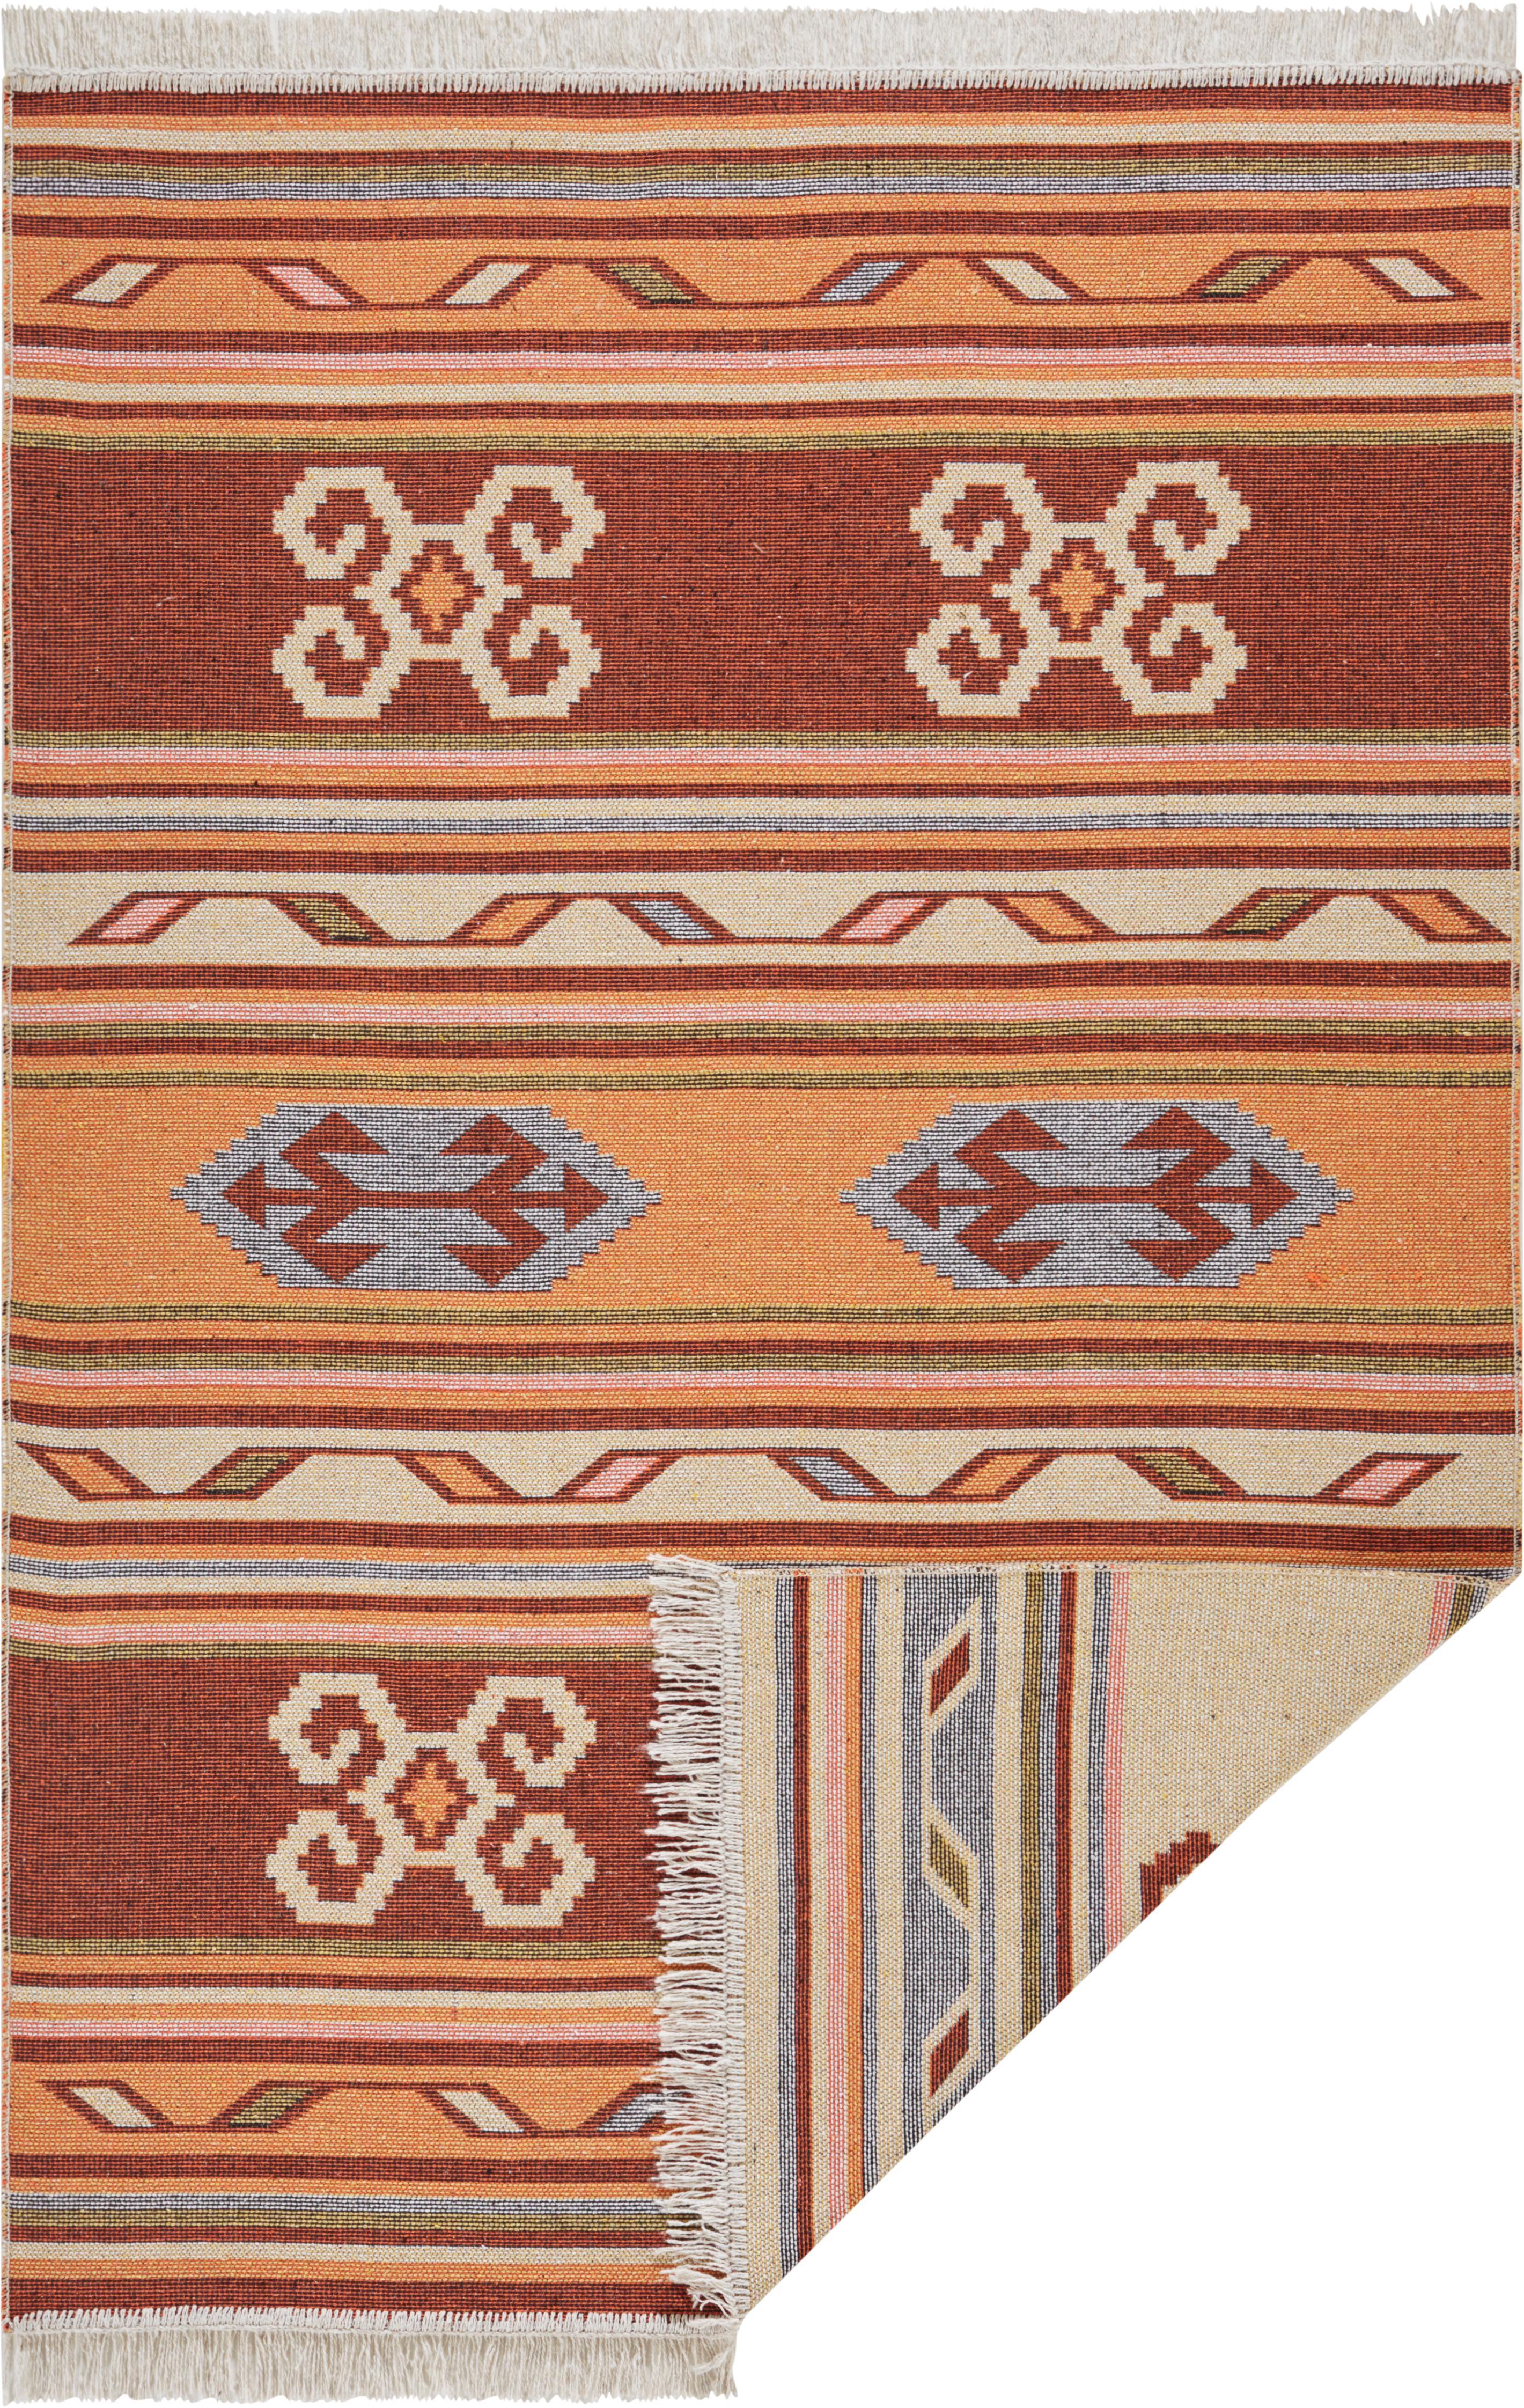 Kelimteppich Tansa aus Baumwolle, 100% Baumwolle, Orange, Mehrfarbig, B 70 x L 140 cm (Größe XS)